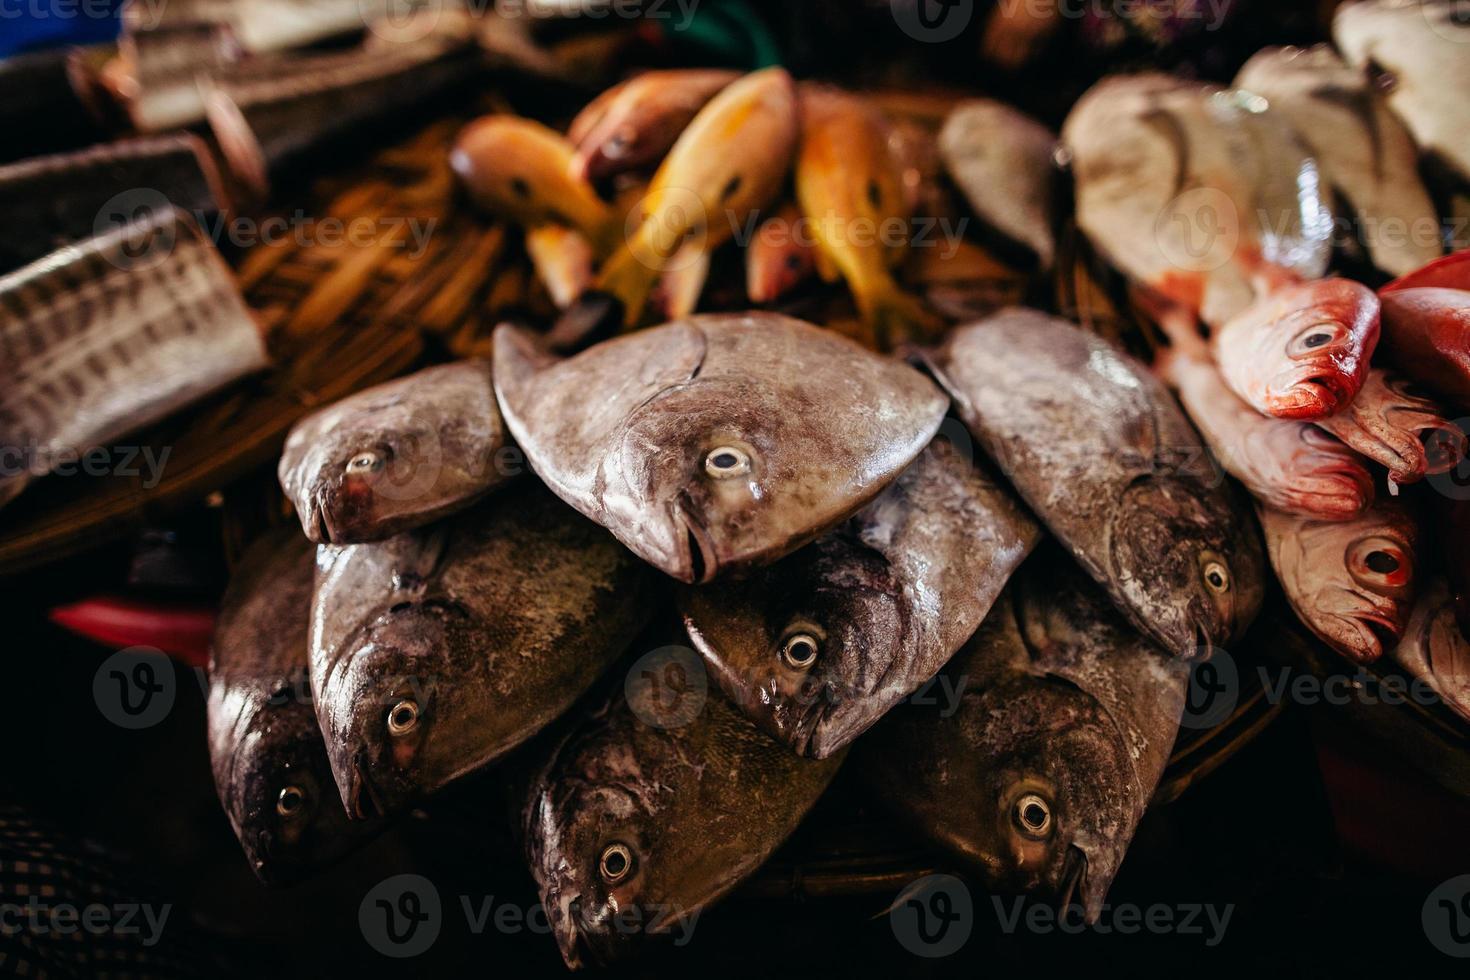 pescado crudo rebanado y cortado en el mercado de la calle foto